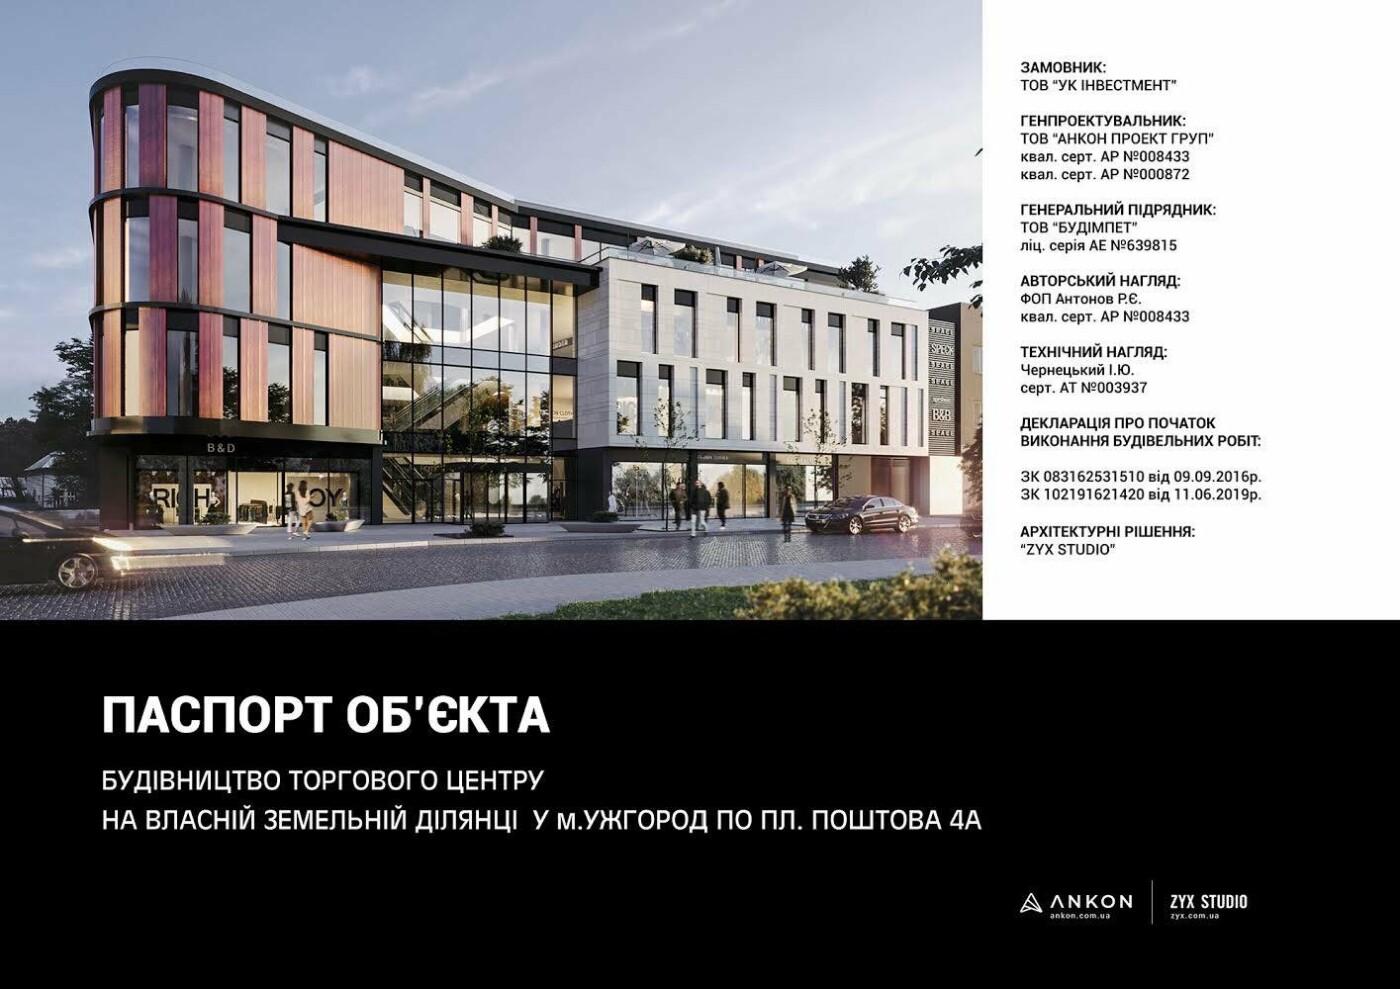 Як виглядатиме новий торговий центр на Поштовій в Ужгороді (ПРОЕКТ) , фото-6